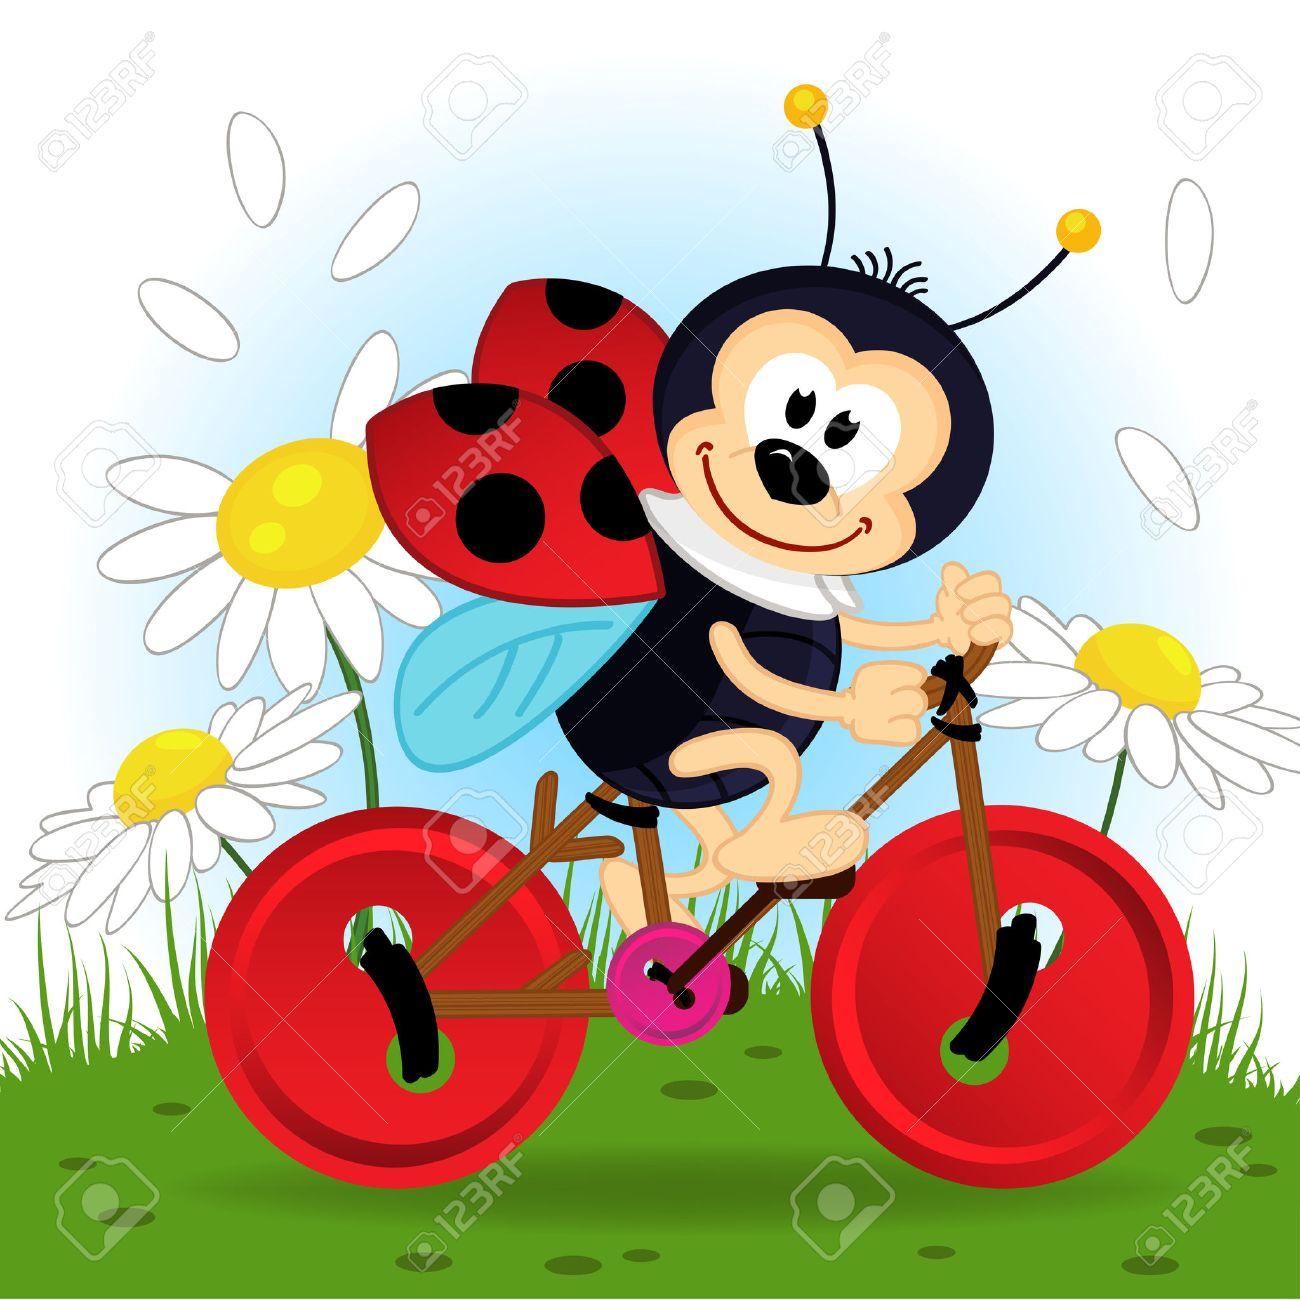 ladybug on bike Standard-Bild - 30161493